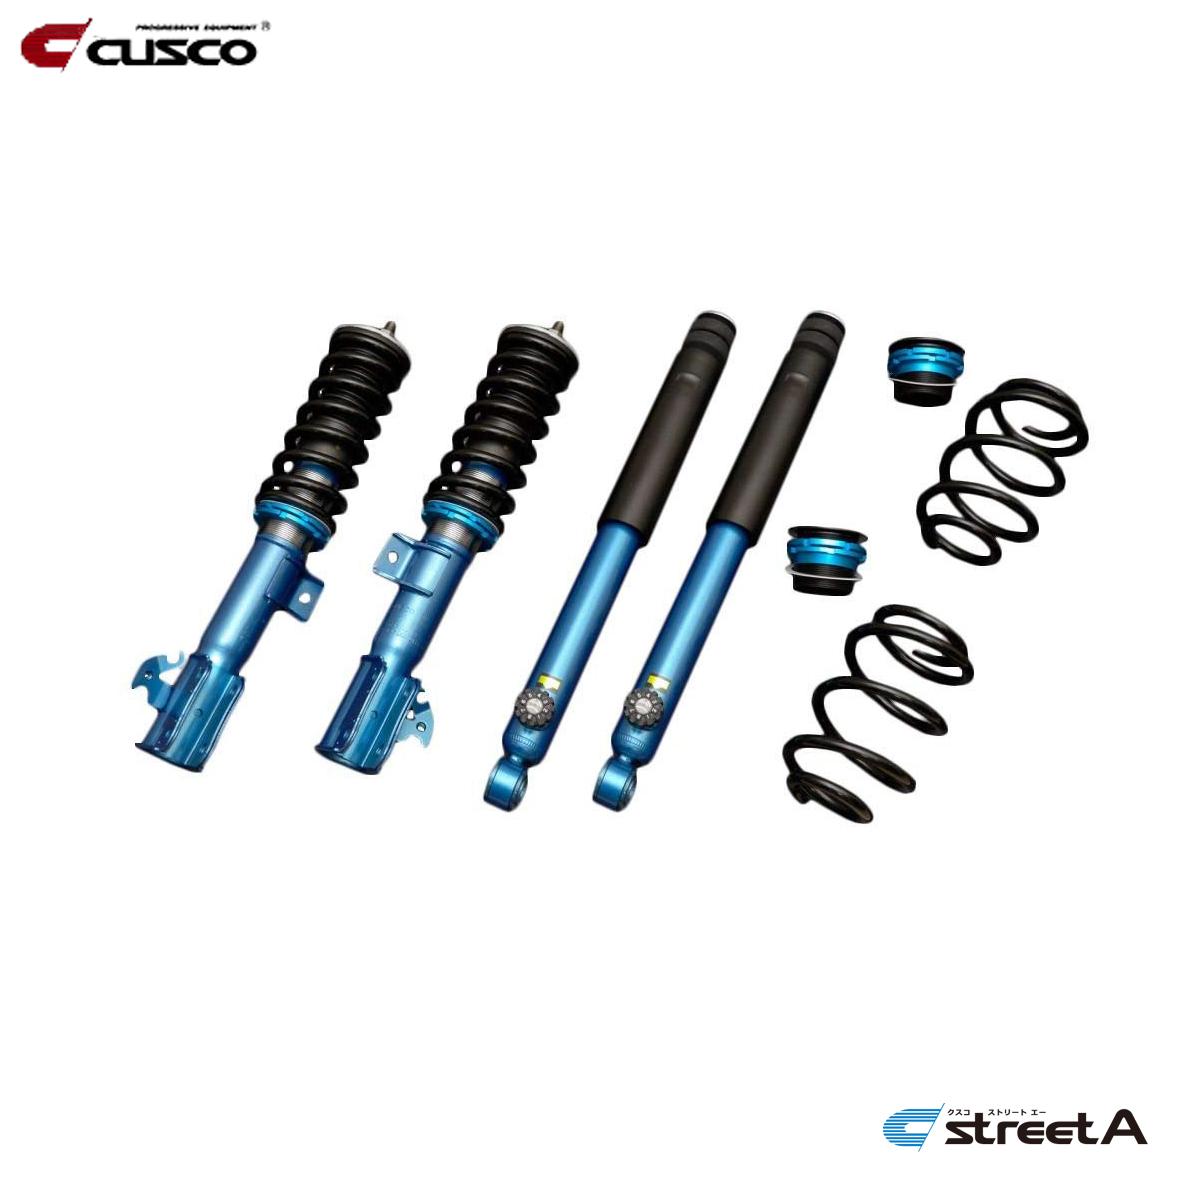 新着商品 CUSCO クスコ ムーヴ ムーヴカスタム L185S 車高調 CUSCO 769-62J-CB 全長固定式 クスコ 769-62J-CB, 快適ペットライフ:ad856399 --- evirs.sk